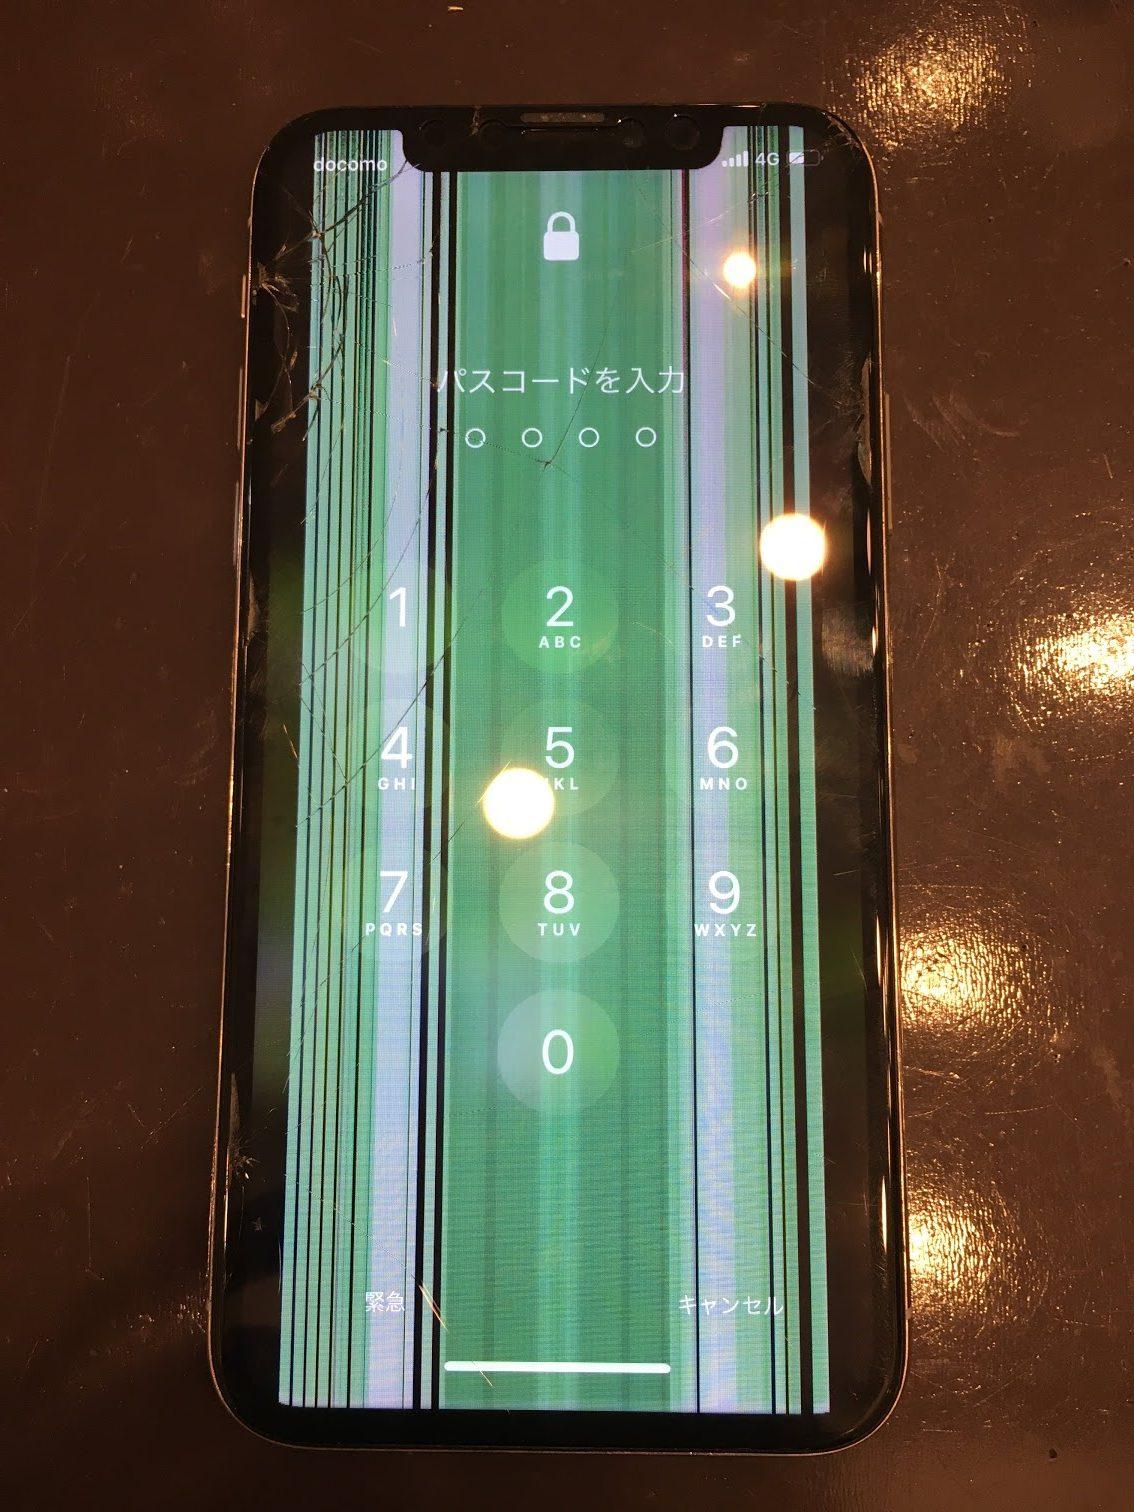 アイフォン修理伊丹昆陽宝塚川西 伊丹市よりお越しのお客様 アイフォンテンの画面交換